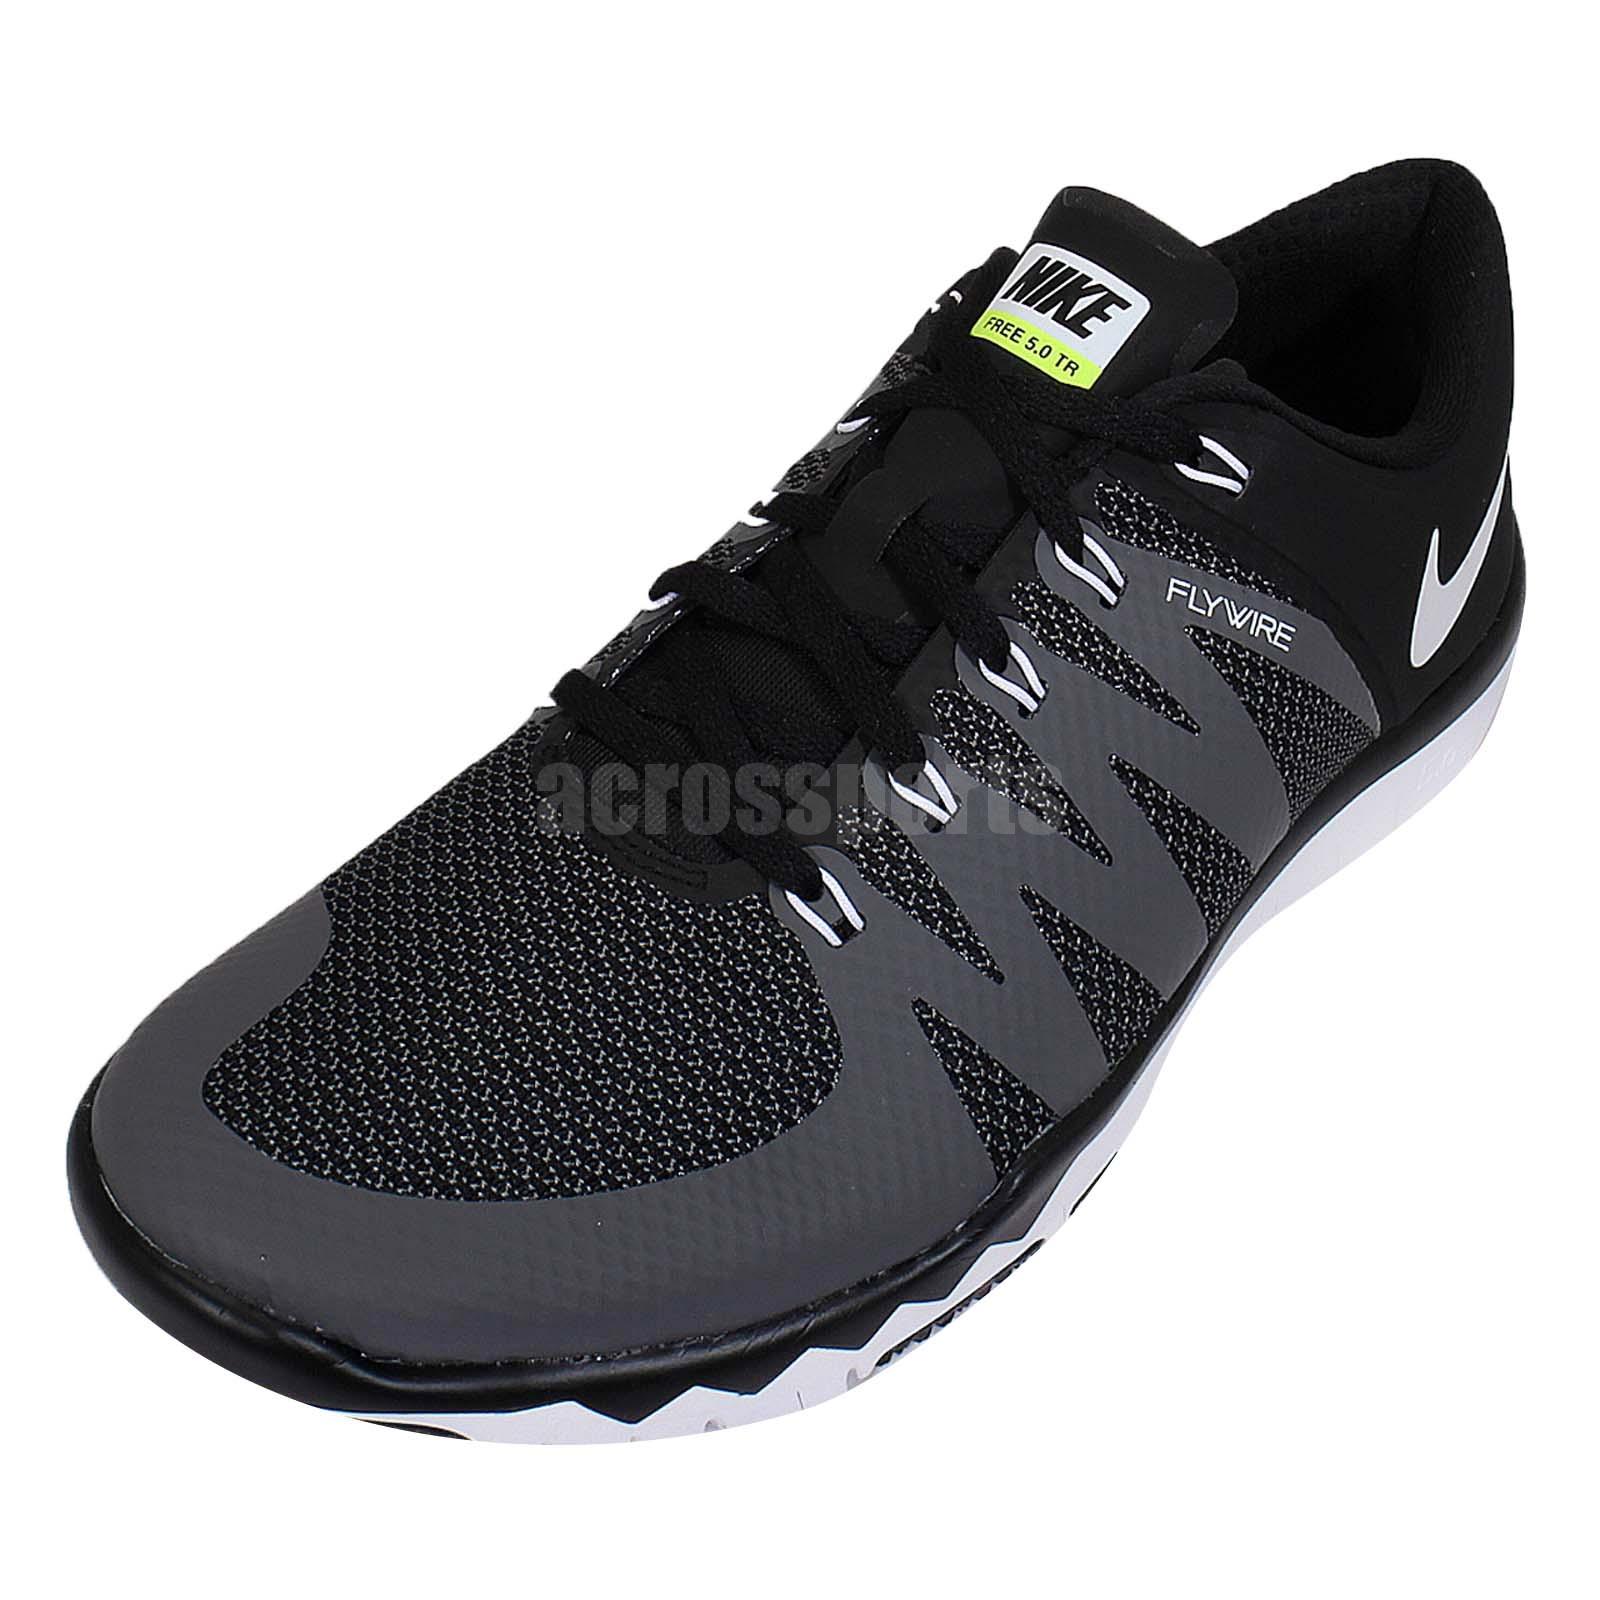 b43cdb3af39 Nike Free Trainer 5.0 V6 Black White Grey Mens Cross Training Shoes ...